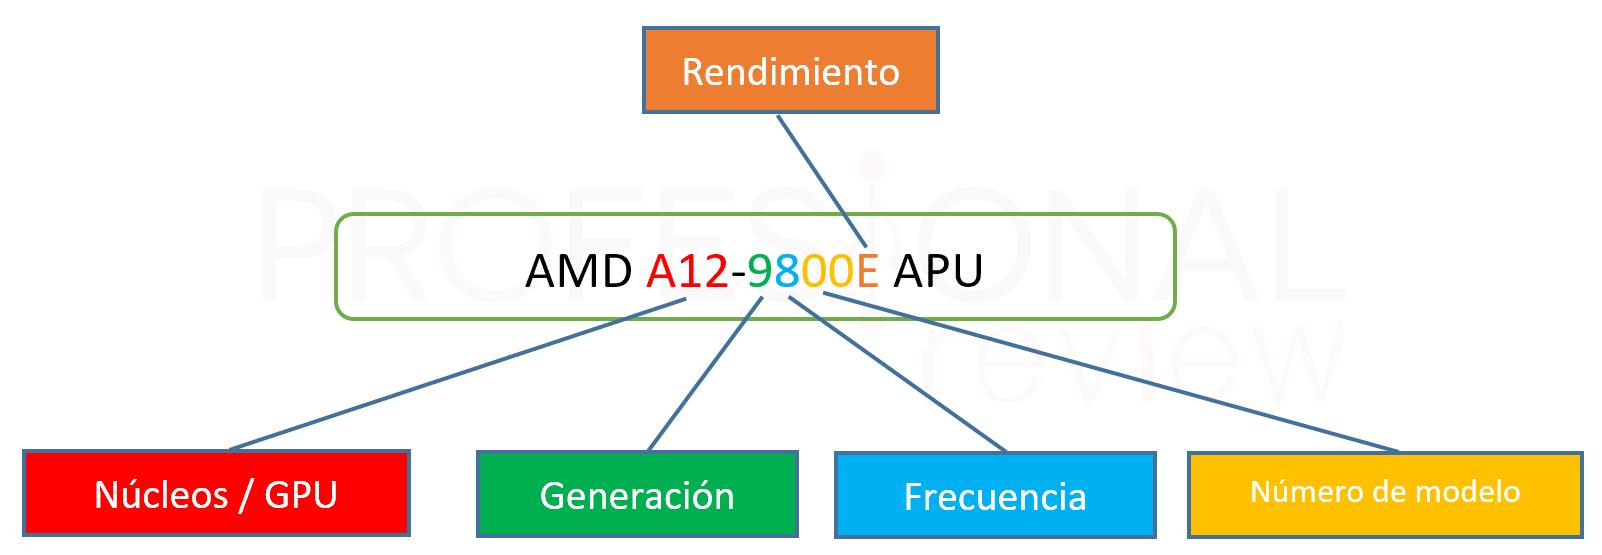 Procesador AMD nomenclatura Serie A APU